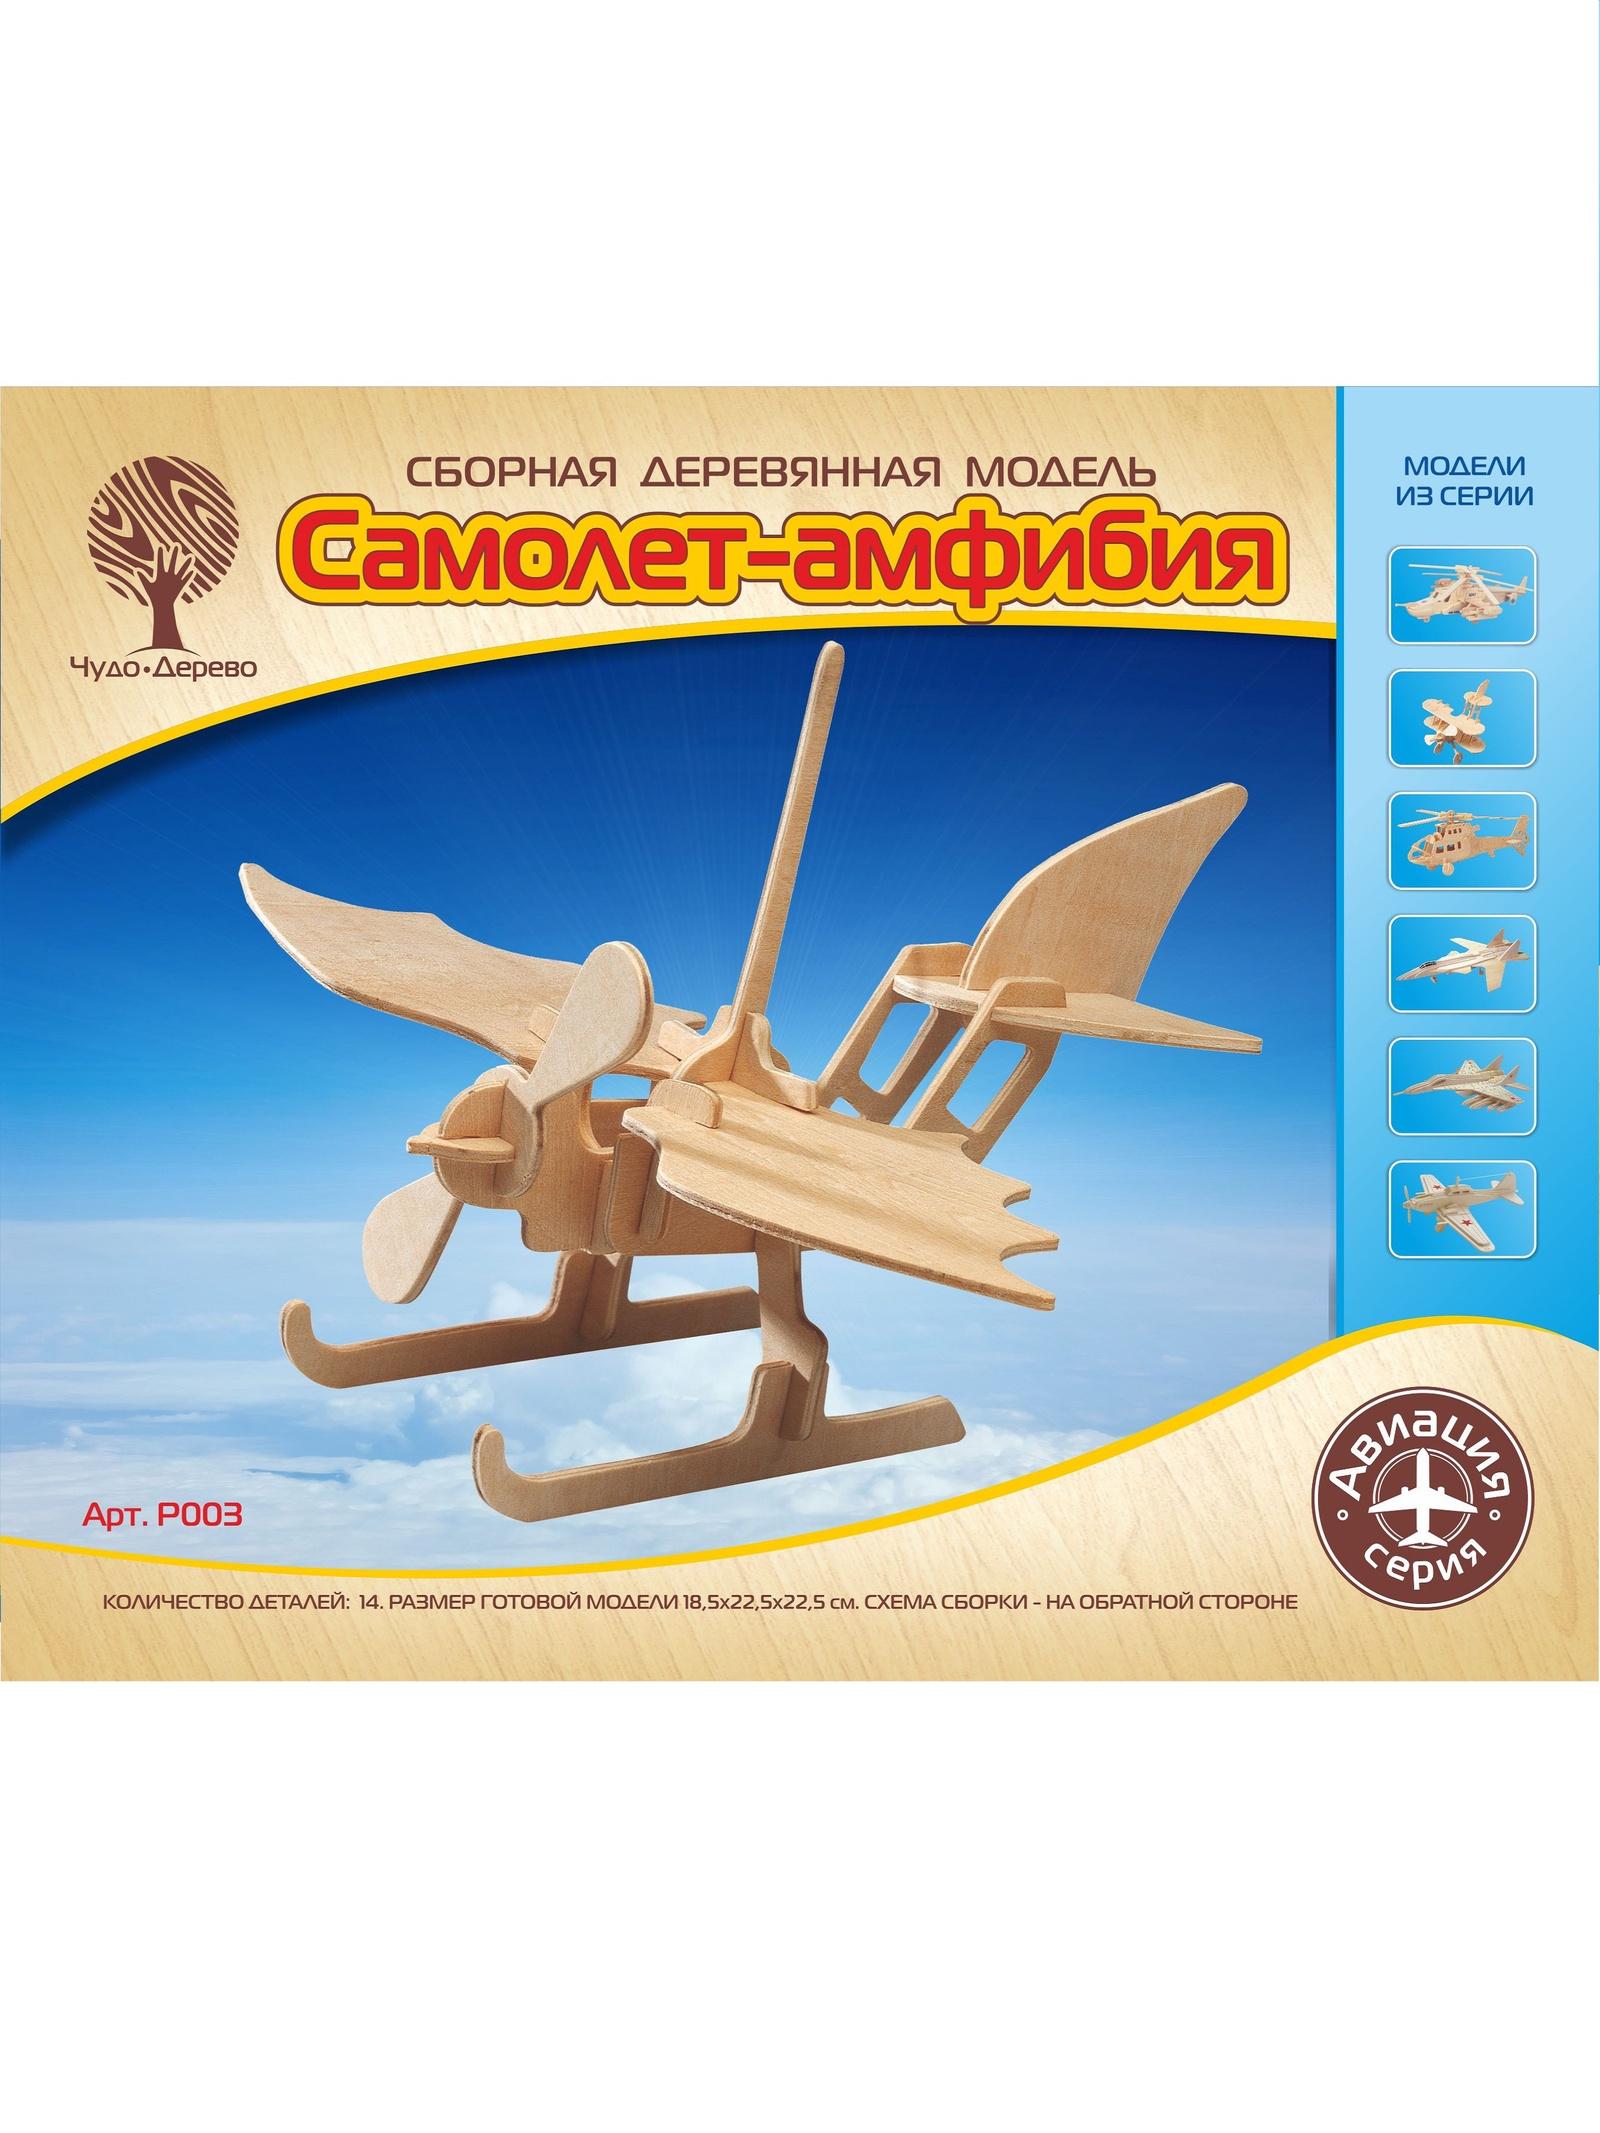 Деревянный конструктор Чудо-дерево Самолет-амфибия, P003